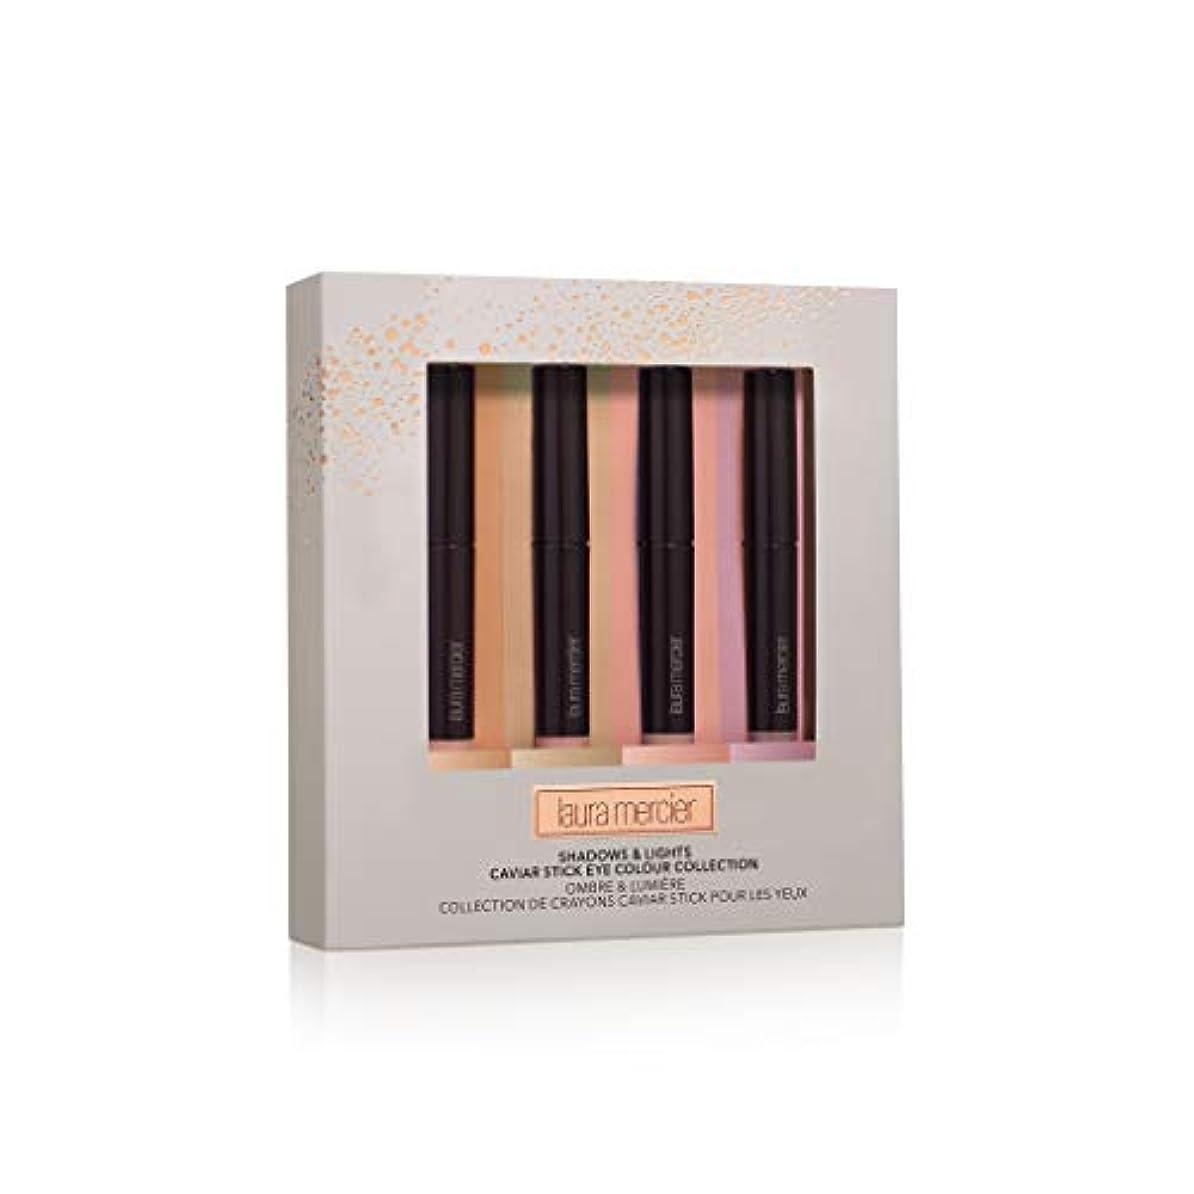 閉じる記述する習字ローラ メルシエ Shadows & Lights Caviar Stick Eye Colour Collection 4x1g/0.03oz並行輸入品